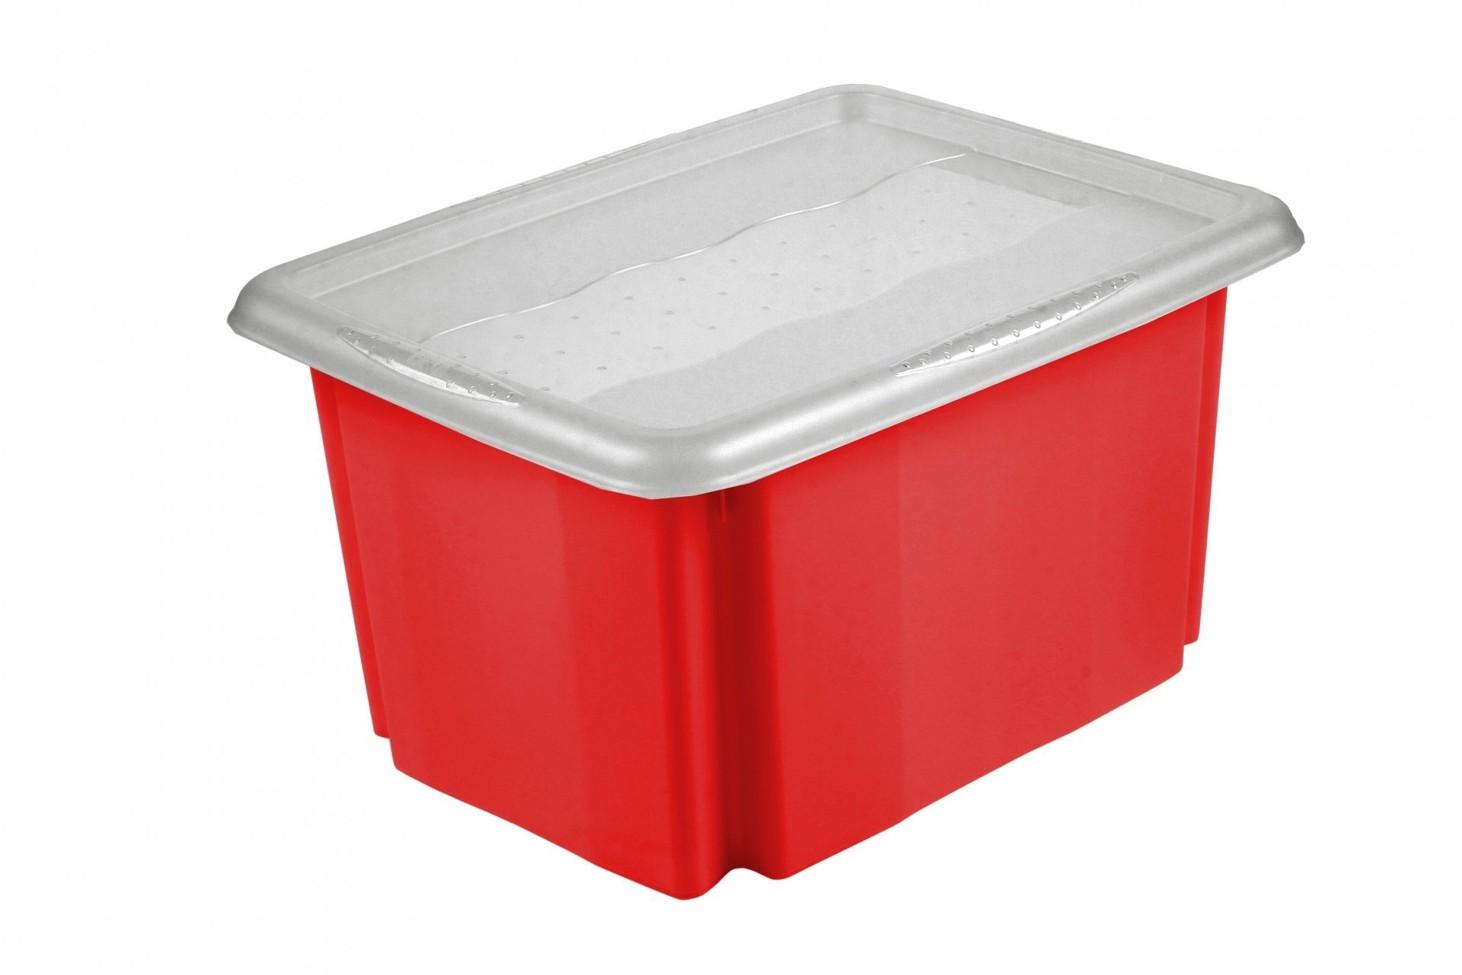 Keeeper Úložný box s víkem Emil & Emilia, červený 15L